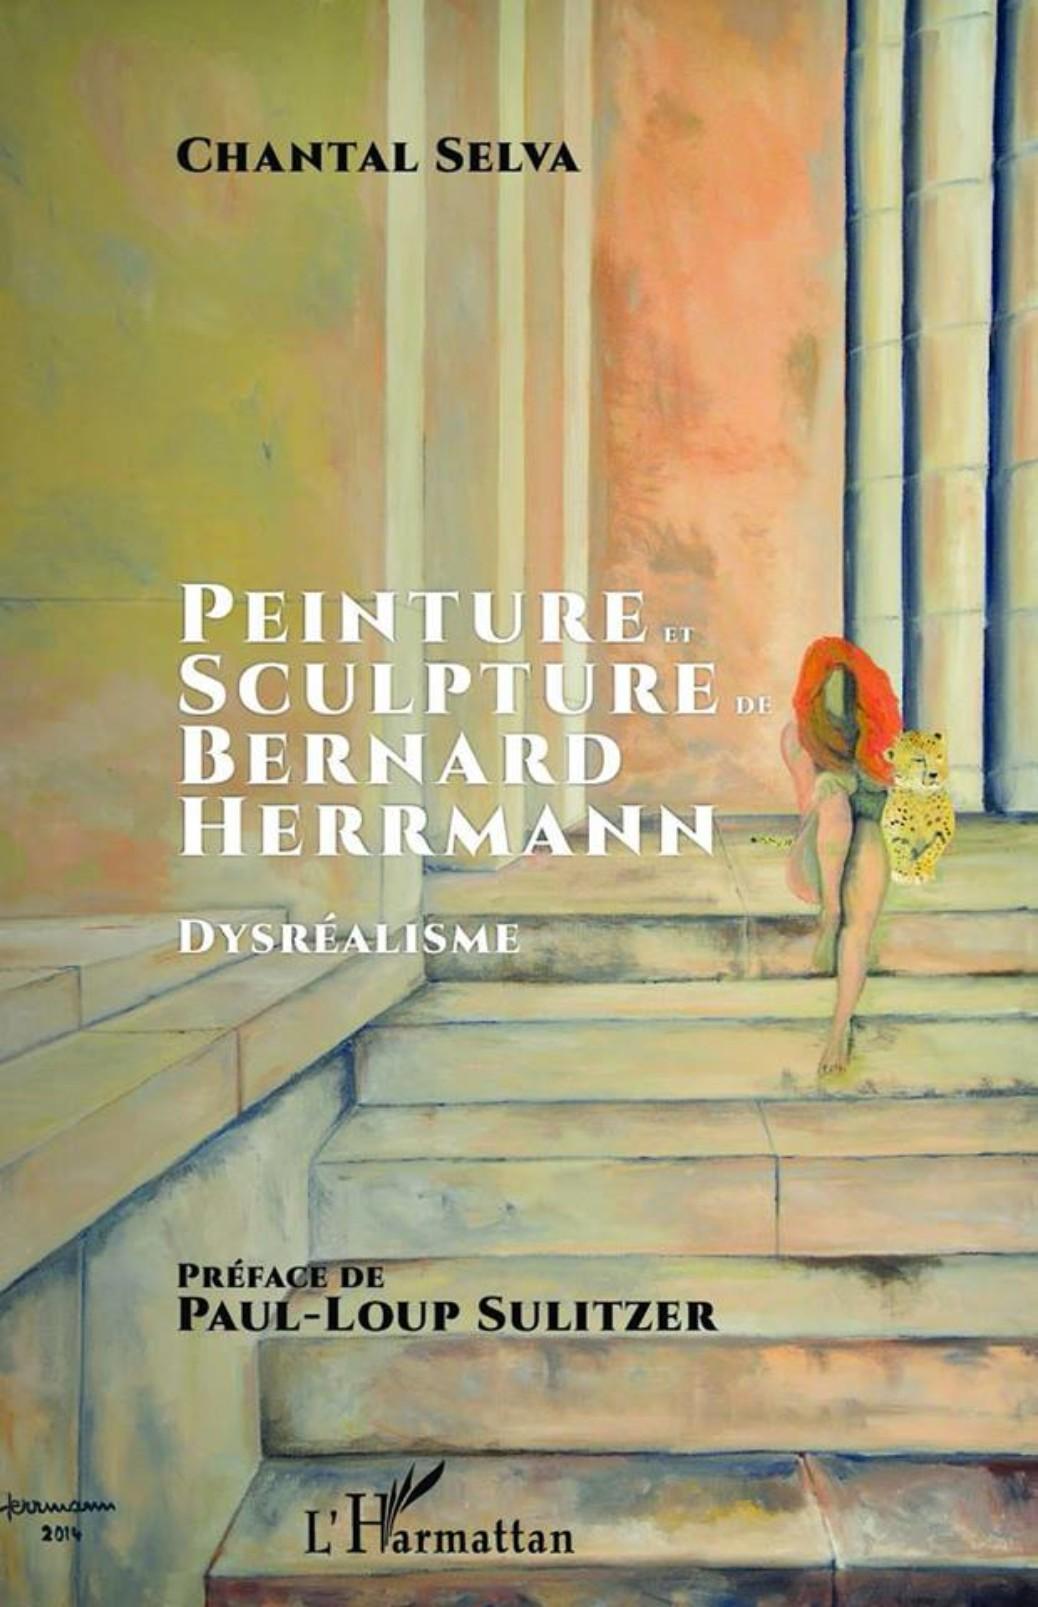 La Délégation de la Polynésie française vous invite à découvrir ou redécouvrir l'œuvre du peintre Bernard Herrmann.